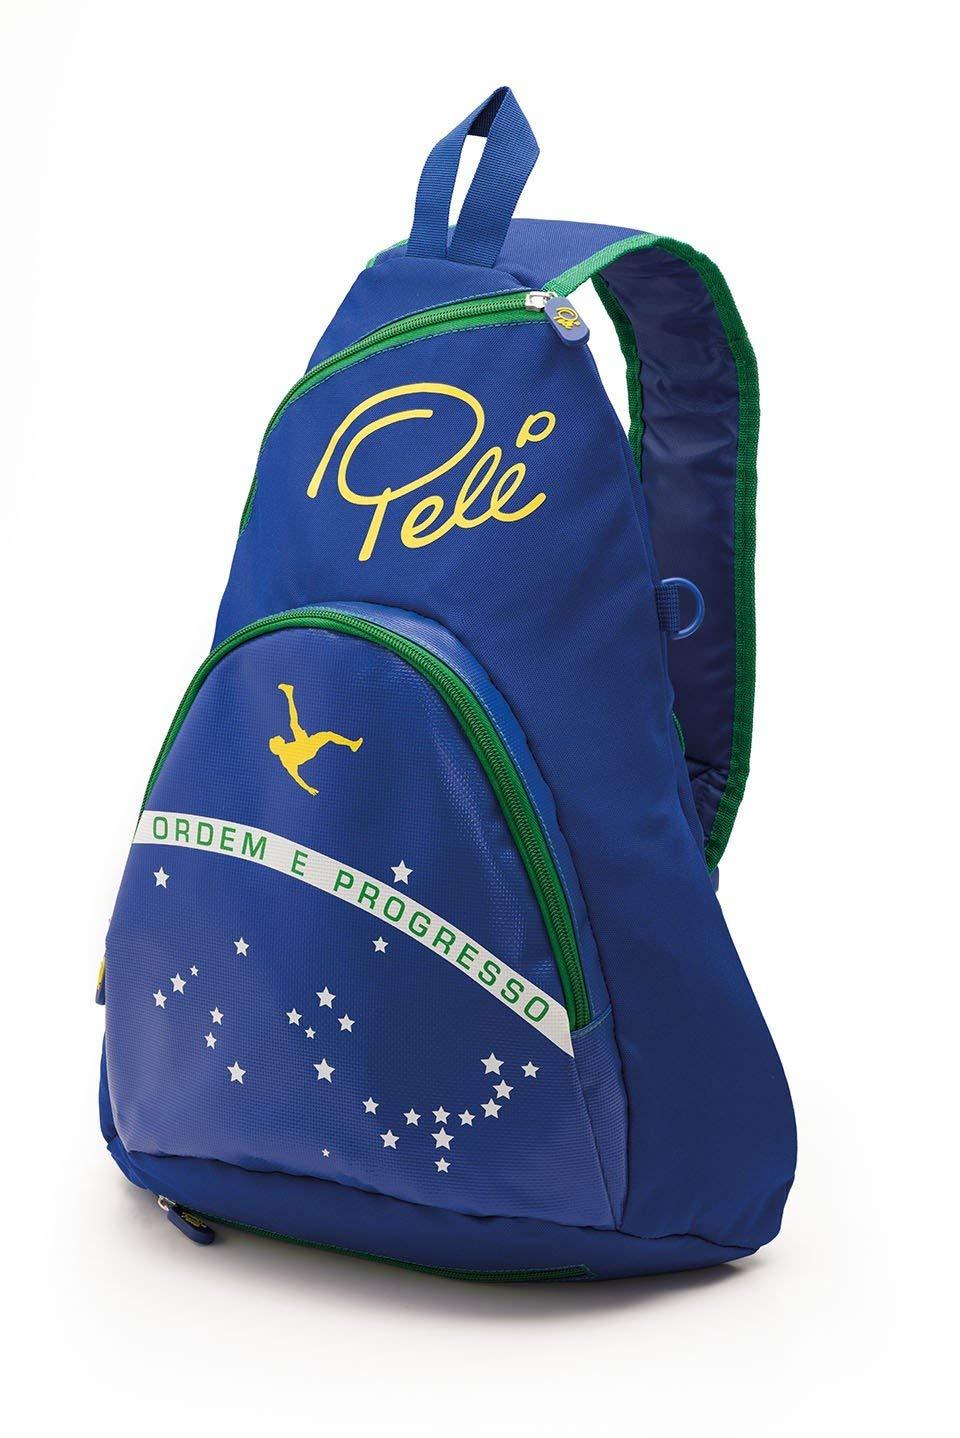 Pele Backpack